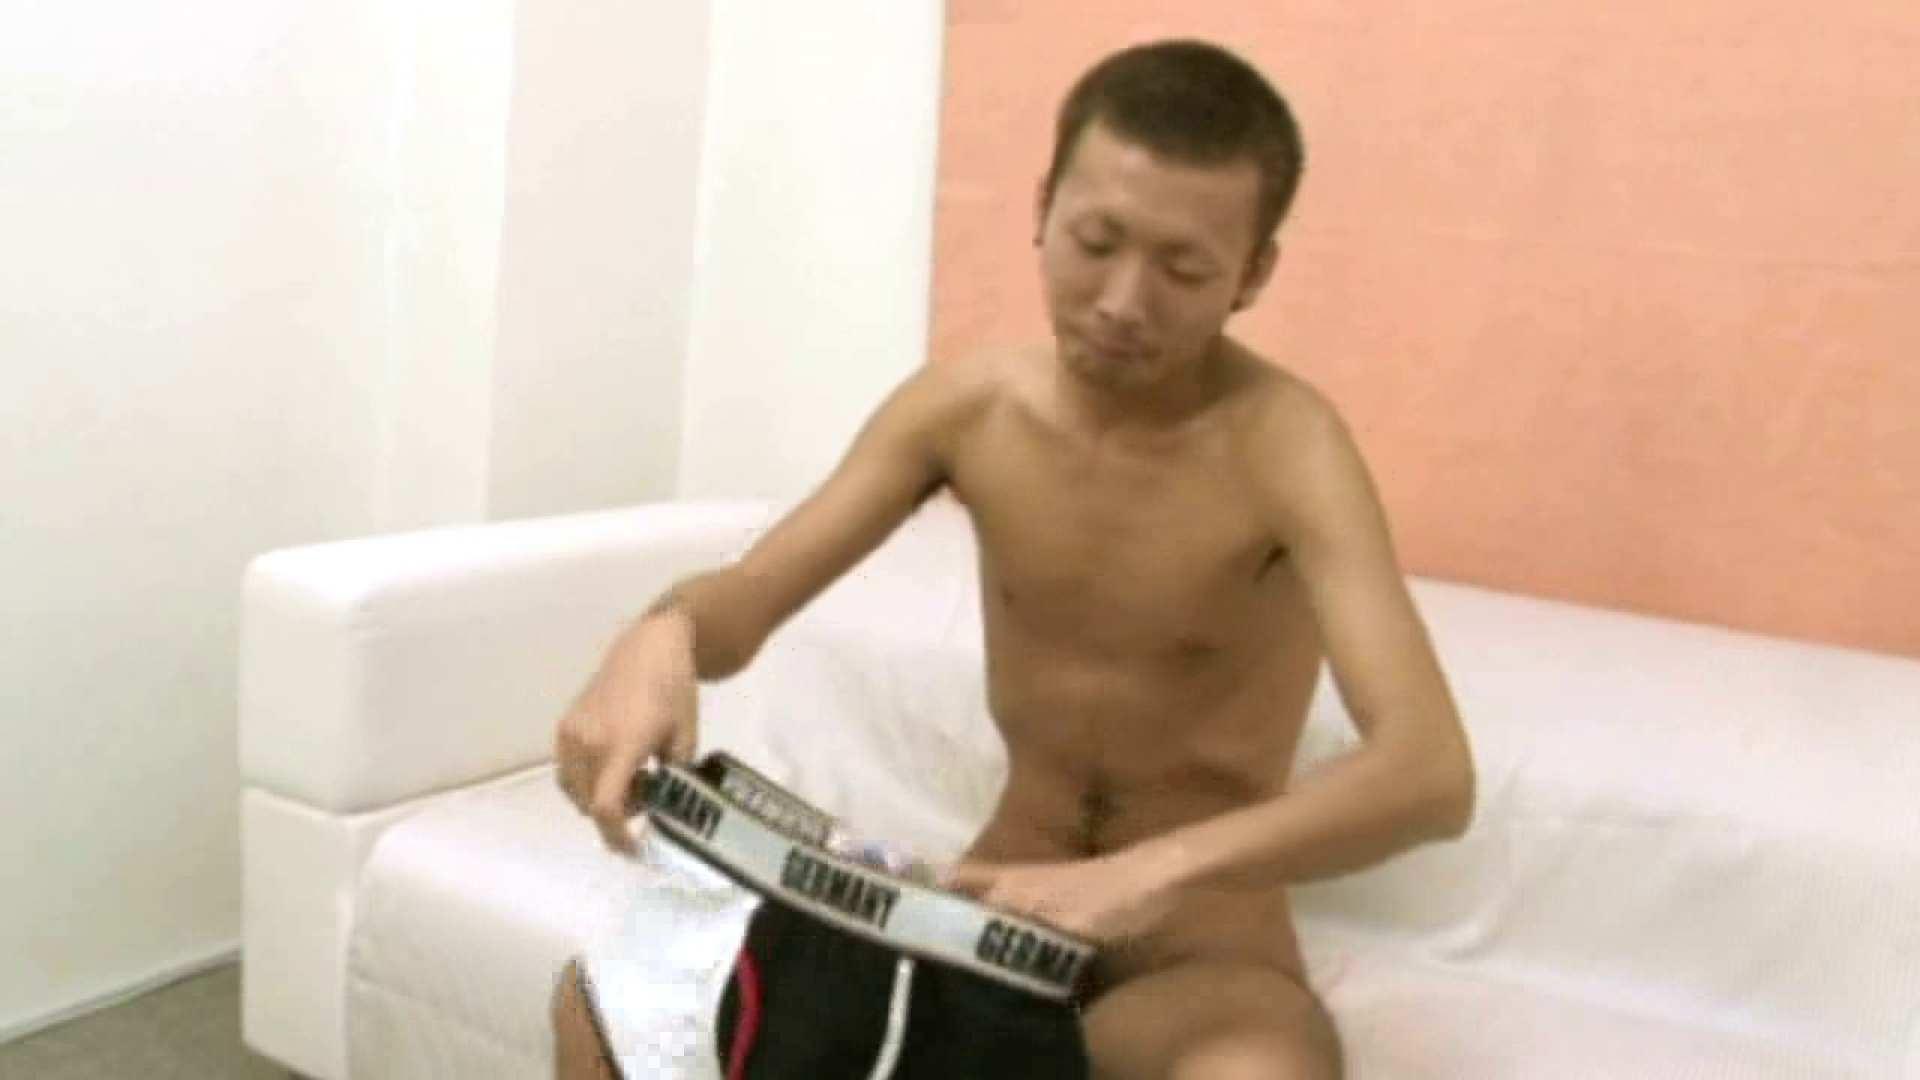 ノンケ!自慰スタジオ No.11 オナニー アダルトビデオ画像キャプチャ 88枚 55